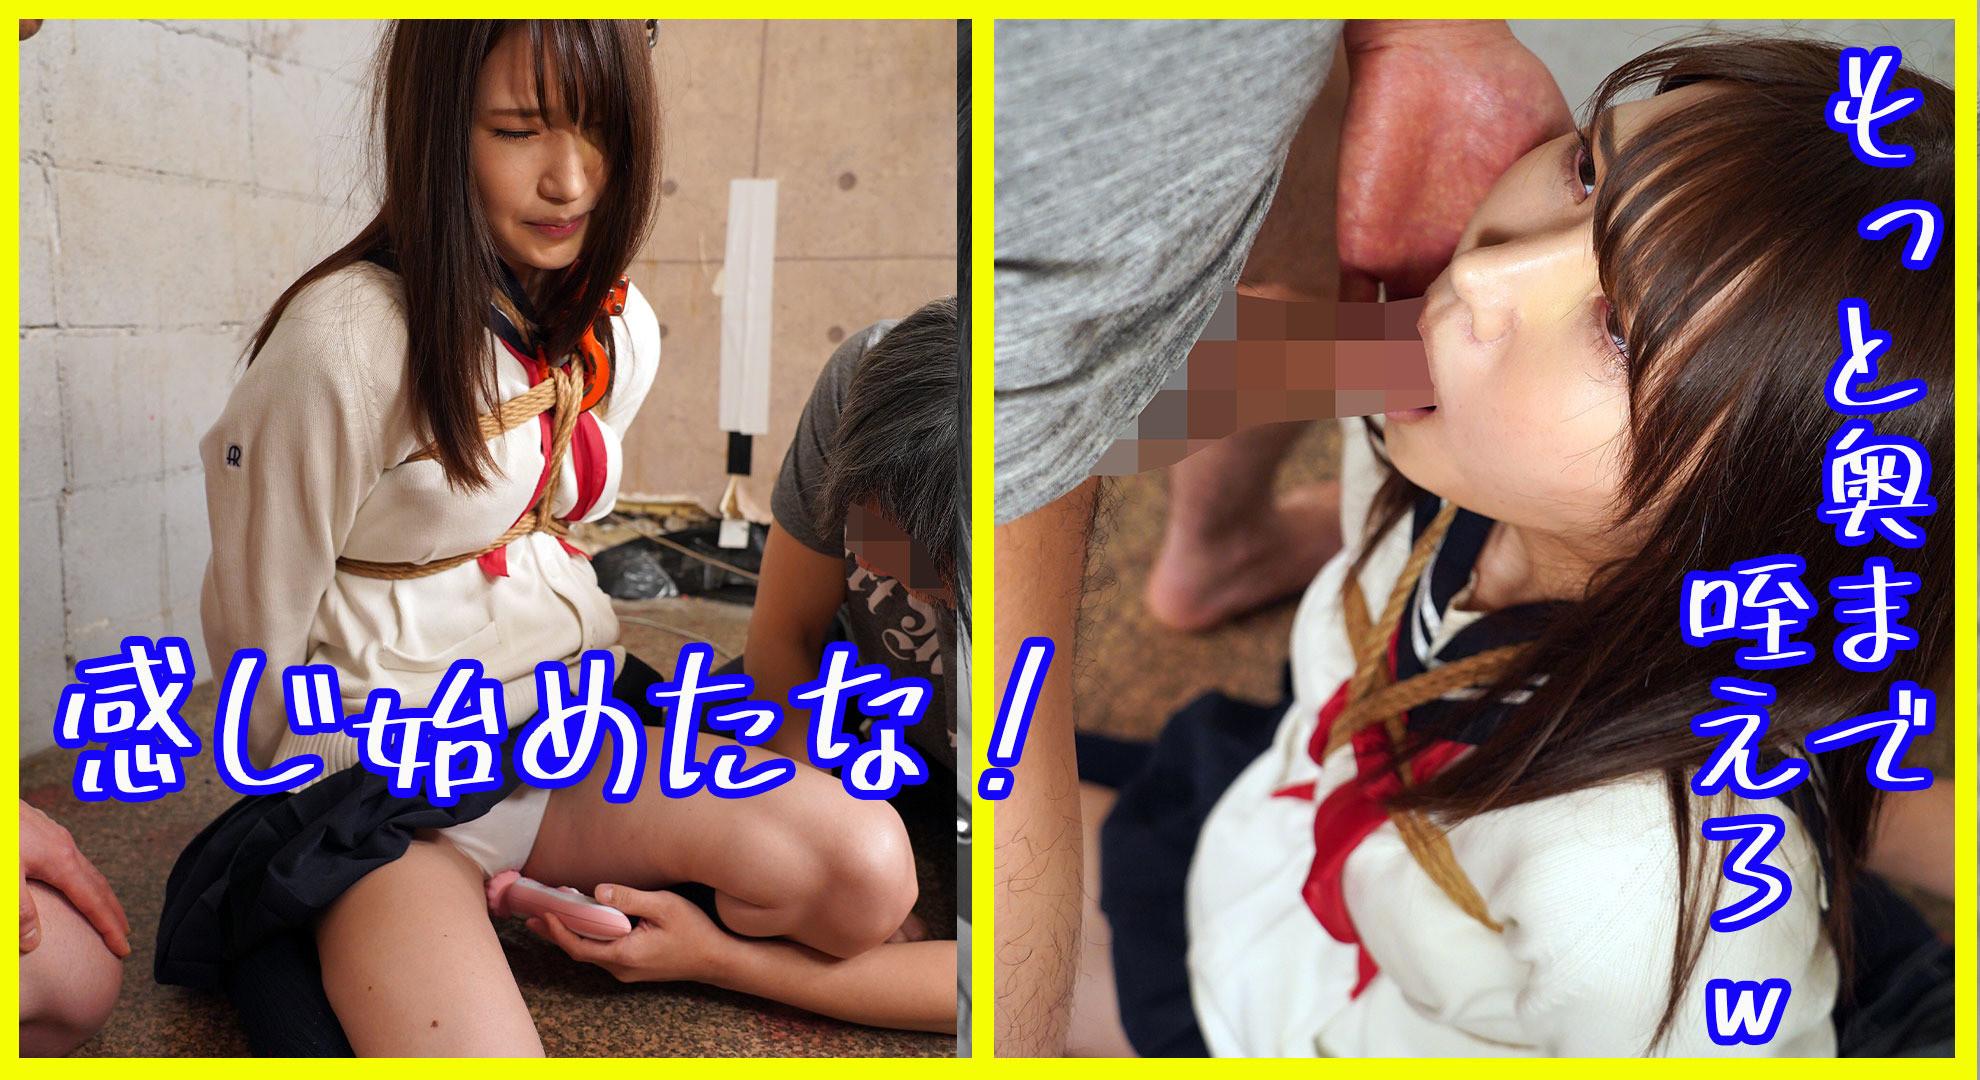 無垢な制服女子を緊縛し凌辱SEXでイカせろ!#真子#18歳 画像1